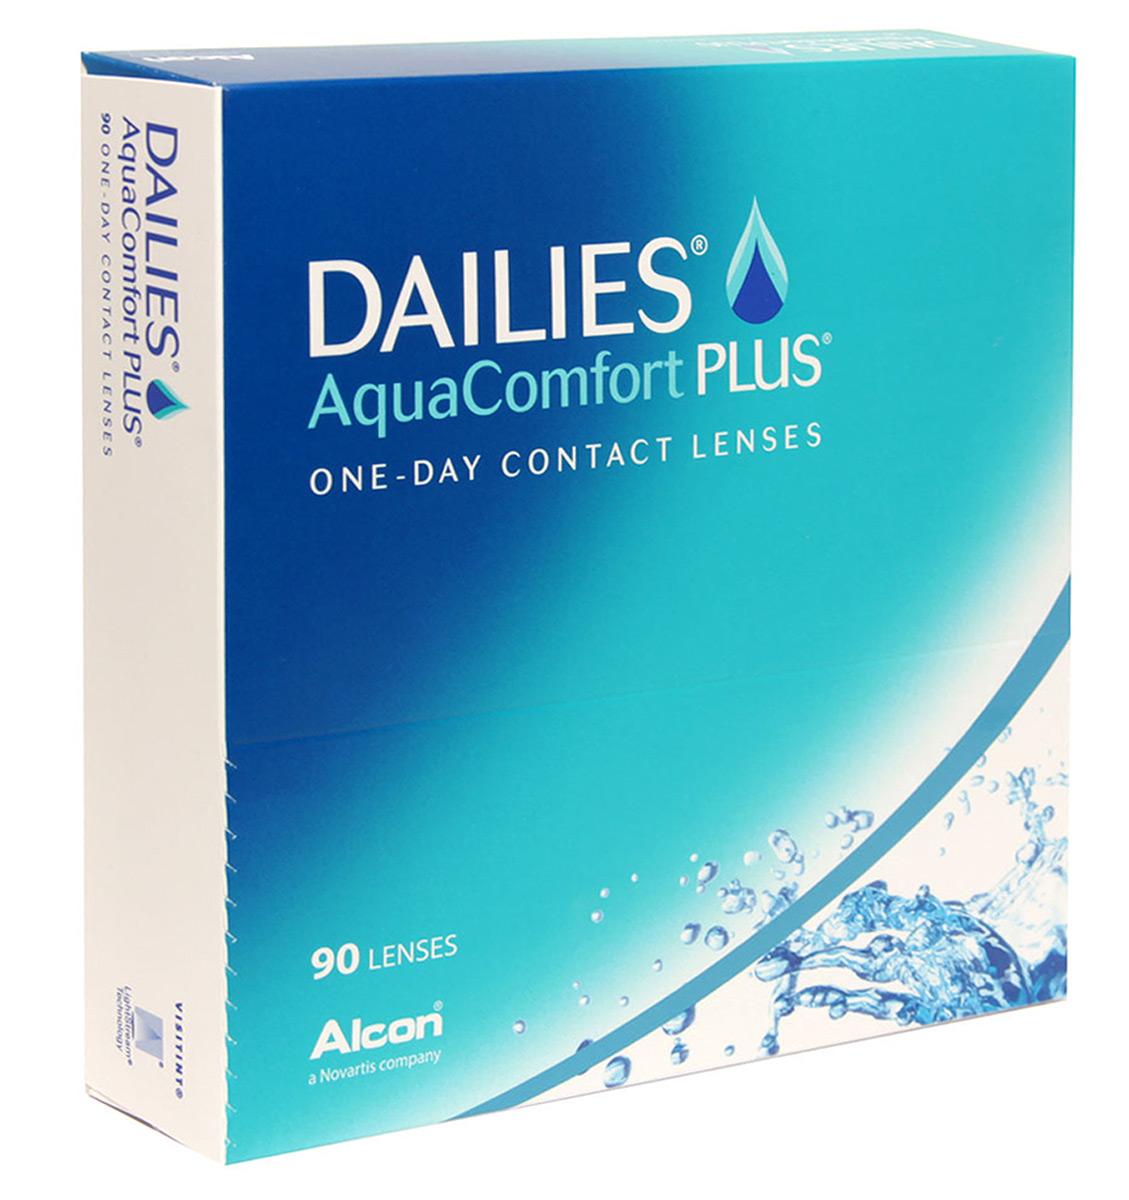 Alcon-CIBA Vision контактные линзы Dailies AquaComfort Plus (90шт / 8.7 / 14.0 / -5.75)39478Dailies AquaComfort Plus - это одни из самых популярных однодневных линз производства компании Ciba Vision. Эти линзы пользуются огромной популярностью во всем мире и являются на сегодняшний день самыми безопасными контактными линзами. Изготавливаются линзы из современного, 100% безопасного материала нелфилкон А. Особенность этого материала в том, что он легко пропускает воздух и хорошо сохраняет влагу. Однодневные контактные линзы Dailies AquaComfort Plus не нуждаются в дополнительном уходе и затратах, каждый день вы надеваете свежую пару линз. Дизайн линзы биосовместимый, что гарантирует безупречный комфорт. Самое главное достоинство Dailies AquaComfort Plus - это их уникальная система увлажнения. Благодаря этой разработке линзы увлажняются тремя различными агентами. Первый компонент, ухаживающий за линзами, находится в растворе, он как бы обволакивает линзу, обеспечивая чрезвычайно комфортное надевание. Второй агент выделяется на протяжении всего дня, он непрерывно смачивает линзы. Третий - увлажняющий агент, выделяется во время моргания, благодаря ему поддерживается постоянный комфорт. Также линзы имеют УФ-фильтр, который будет заботиться о ваших глазах. Dailies AquaComfort Plus - одни из лучших линз в своей категории. Всемирно известная компания Ciba Vision, создавая эти контактные линзы, попыталась учесть все потребности пациентов и ей это удалось! Характеристики:Материал: нелфилкон А. Кривизна: 8.6. Оптическая сила: - 5.75. Содержание воды: 69%. Диаметр: 13,8 мм. Количество линз: 90 шт. Размер упаковки: 15 см х 15,5 см х 3 см. Производитель: США. Товар сертифицирован.Контактные линзы или очки: советы офтальмологов. Статья OZON Гид